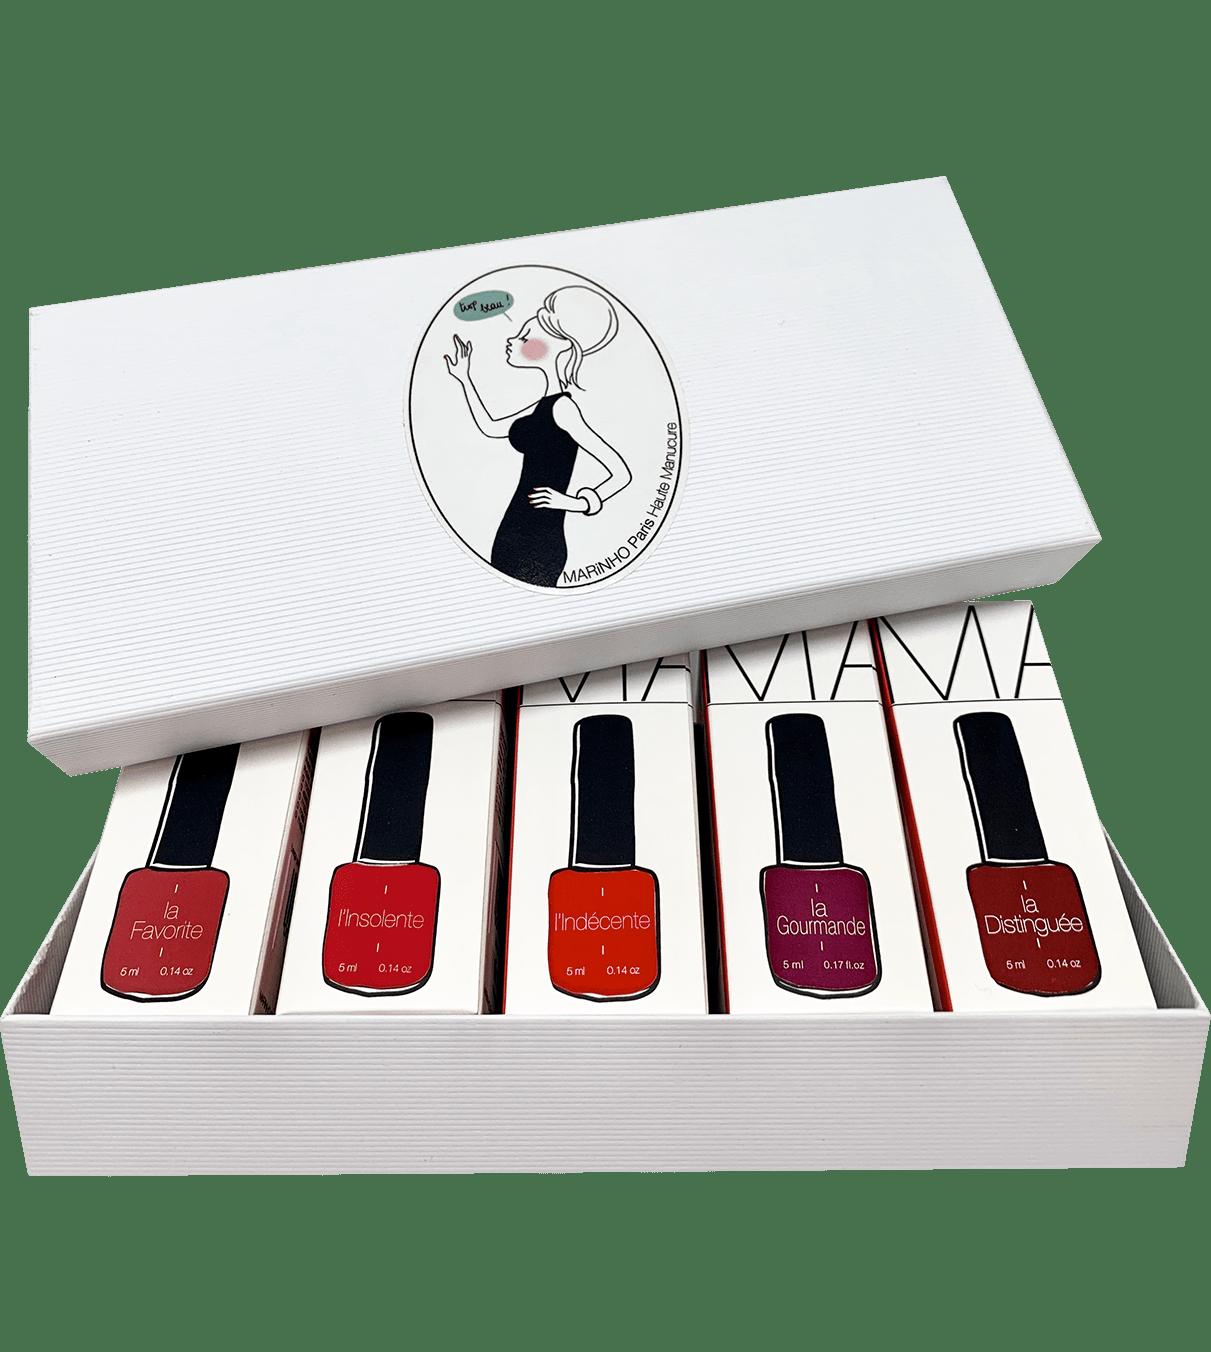 coffret cadeau marinho paris avec 5 vernis semi-permanent rouge dans boite blanche